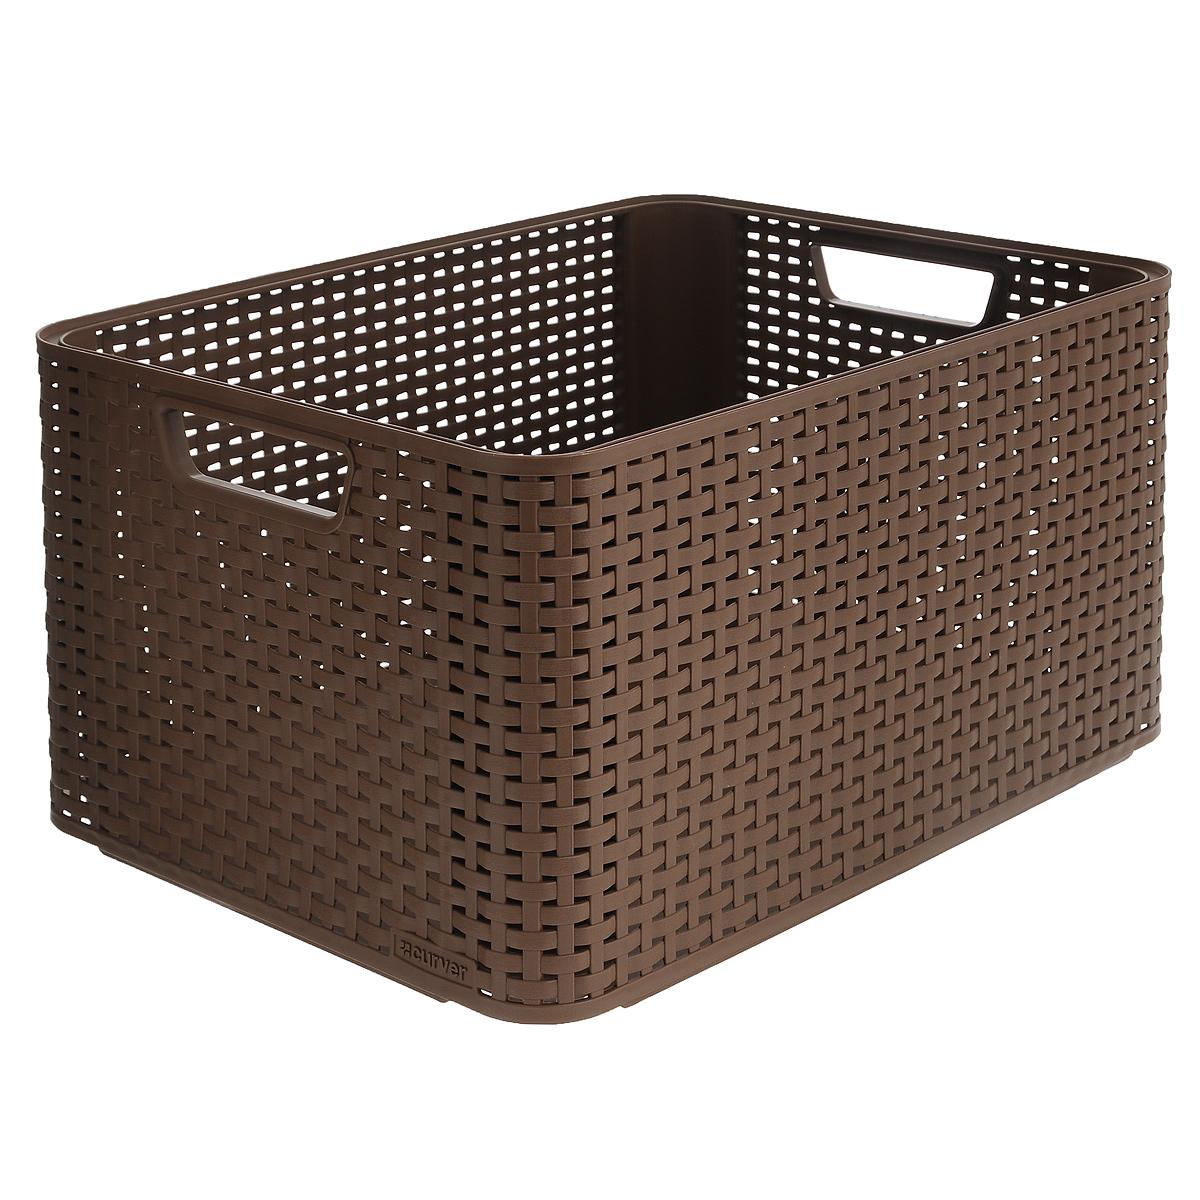 Корзинка универсальная Curver Style, цвет: коричневый, 44 х 33 х 23 смS03301004Универсальная корзинка Curver Style выполнена из высококачественного пластика и оформлена перфорацией в виде плетения. Она прекрасно подойдет для хранения различных бытовых вещей. Изделие оснащено удобными ручками по бокам.